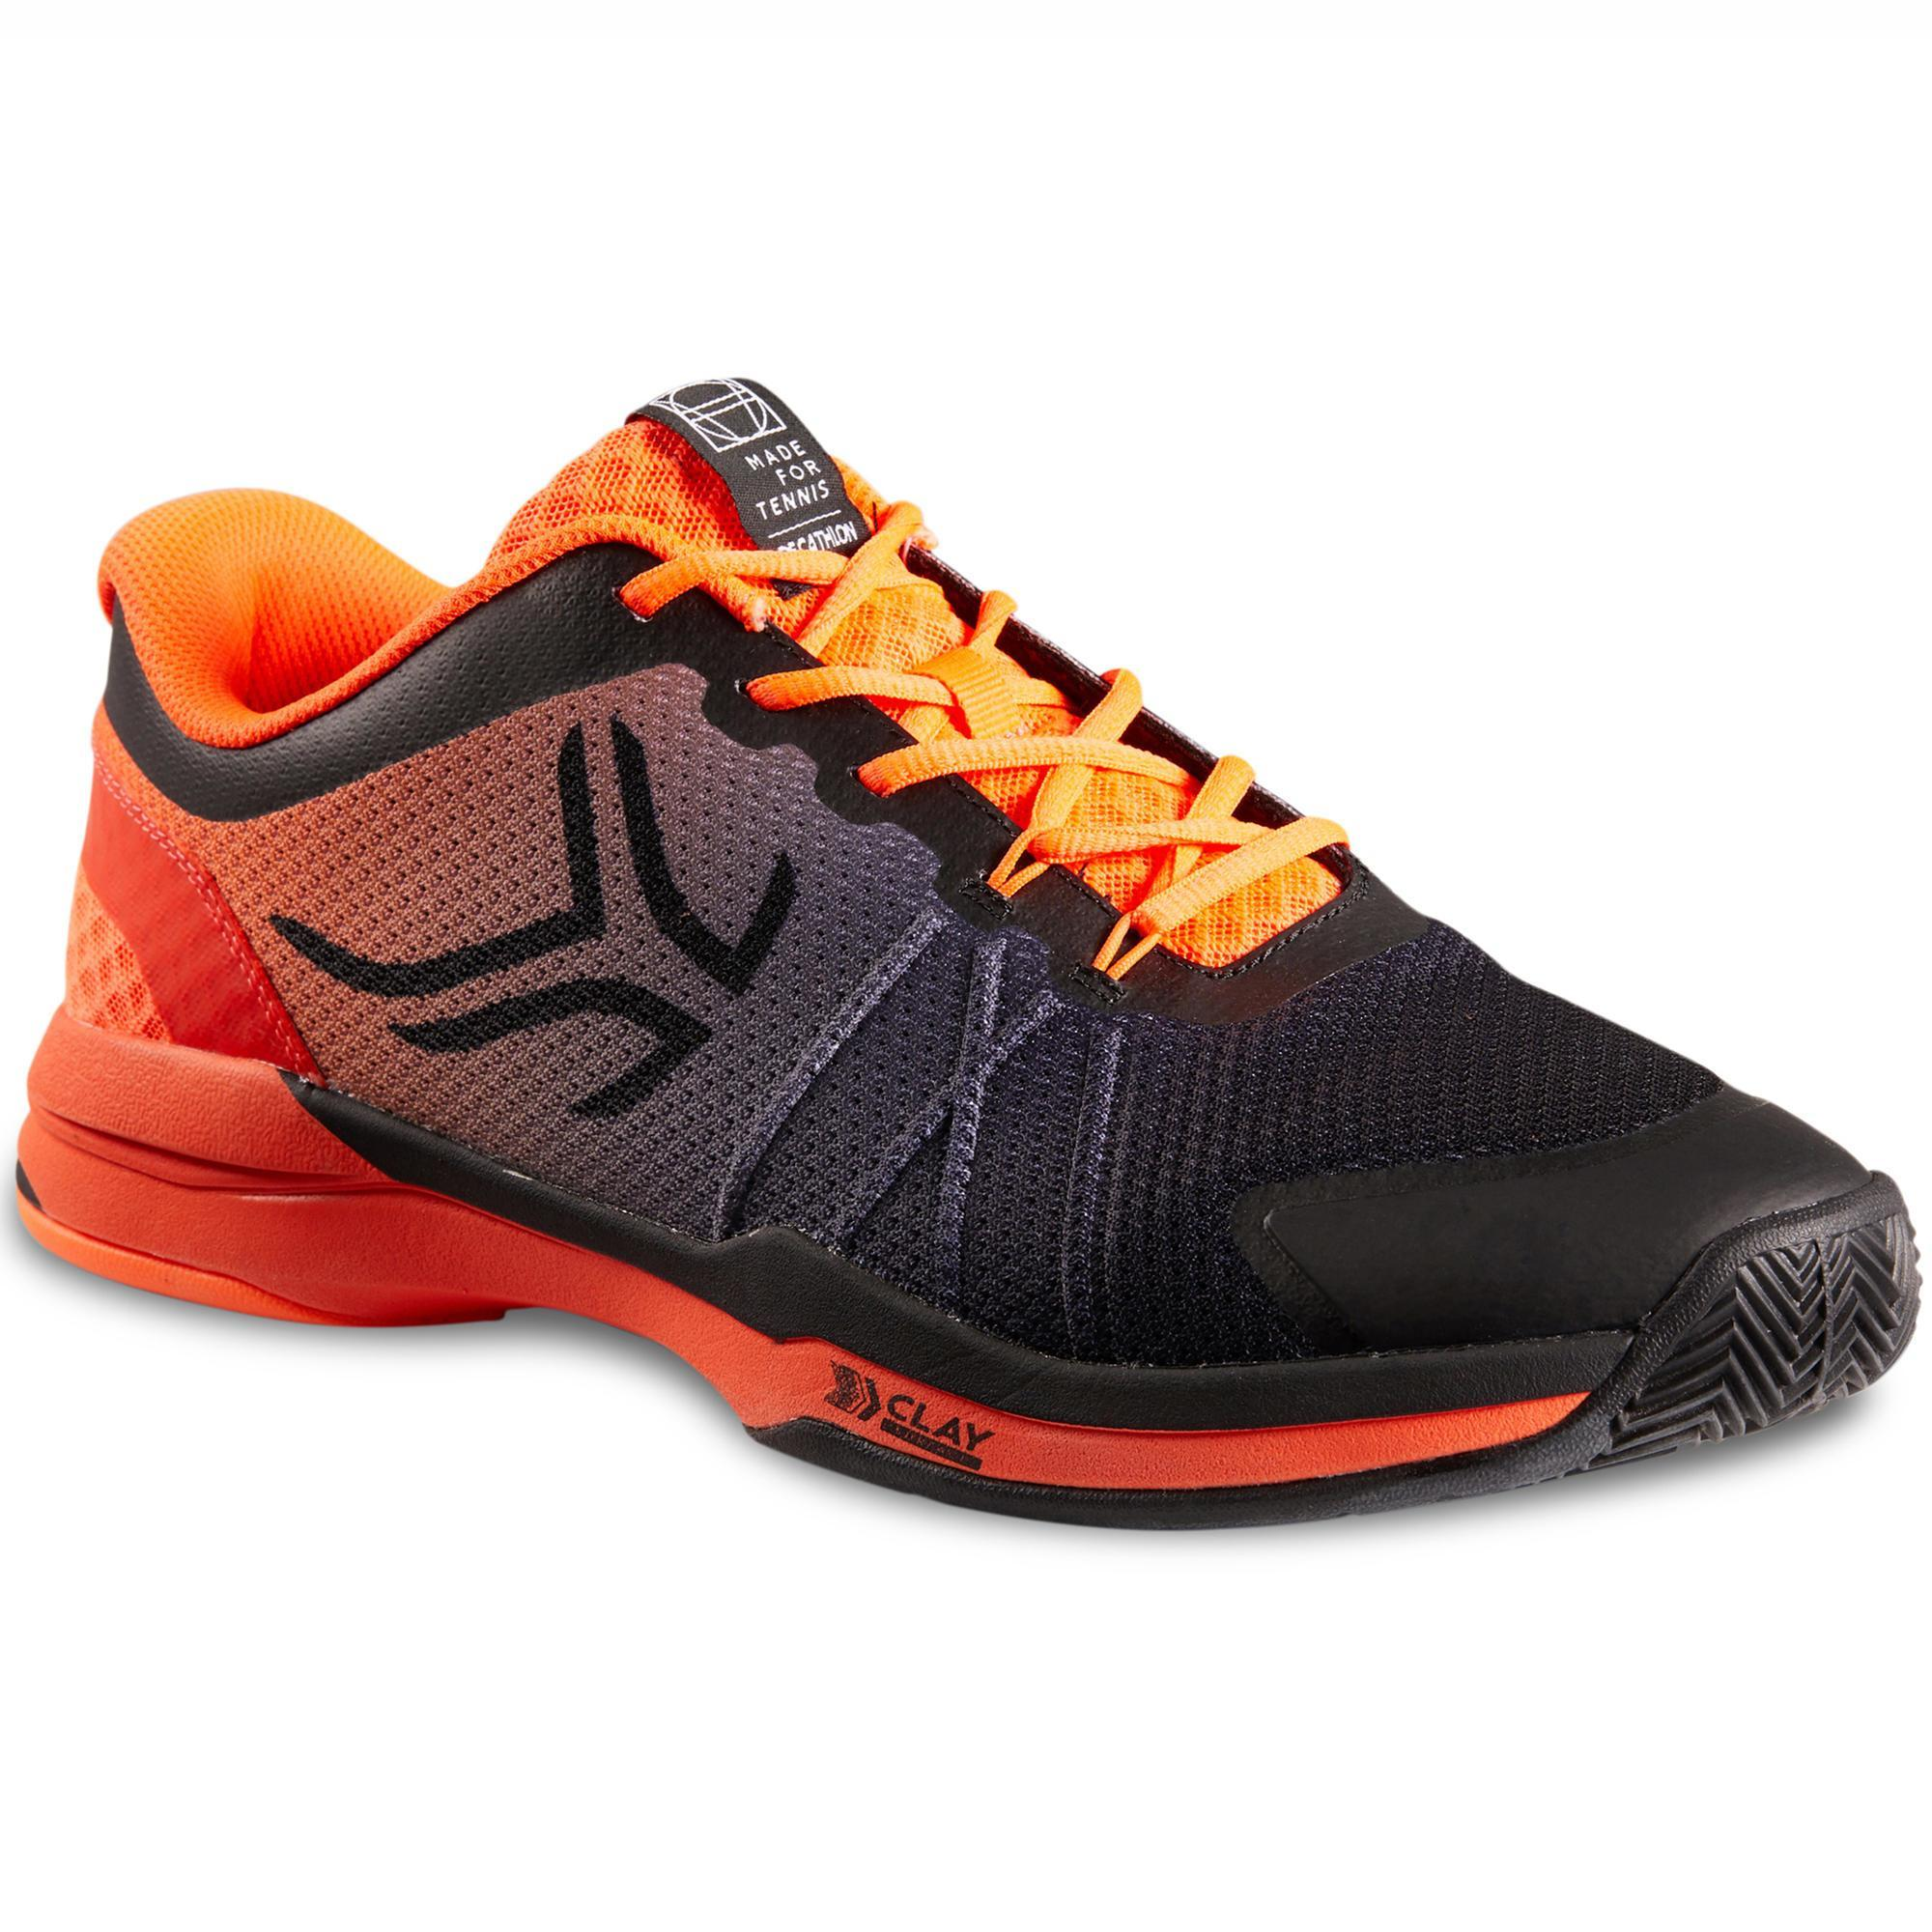 Artengo Tennisschoenen voor gravel TS590 zwart/oranje